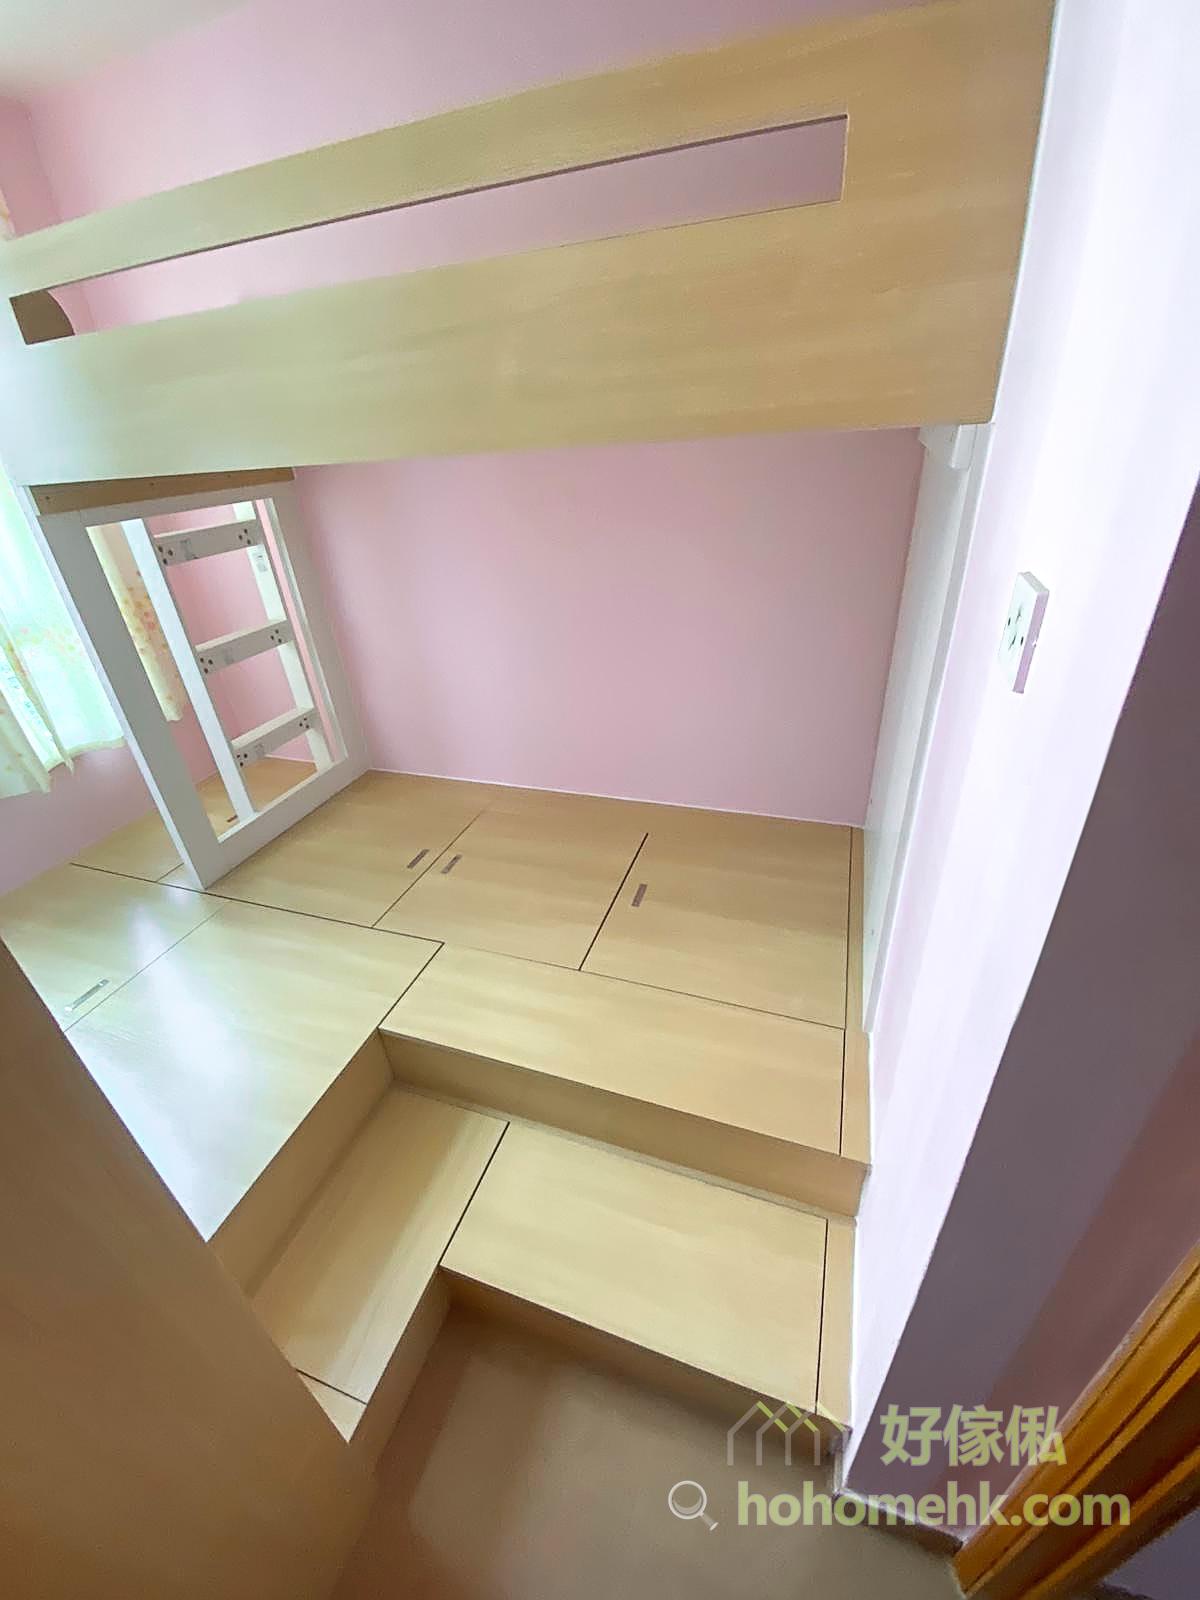 粉紅色的牆身,配合淺木色和白色的地台、碌架床和衣櫃組合,加上良好的採光面,營造出鄉村風的柔和浪漫感,舒服自然又放鬆心情